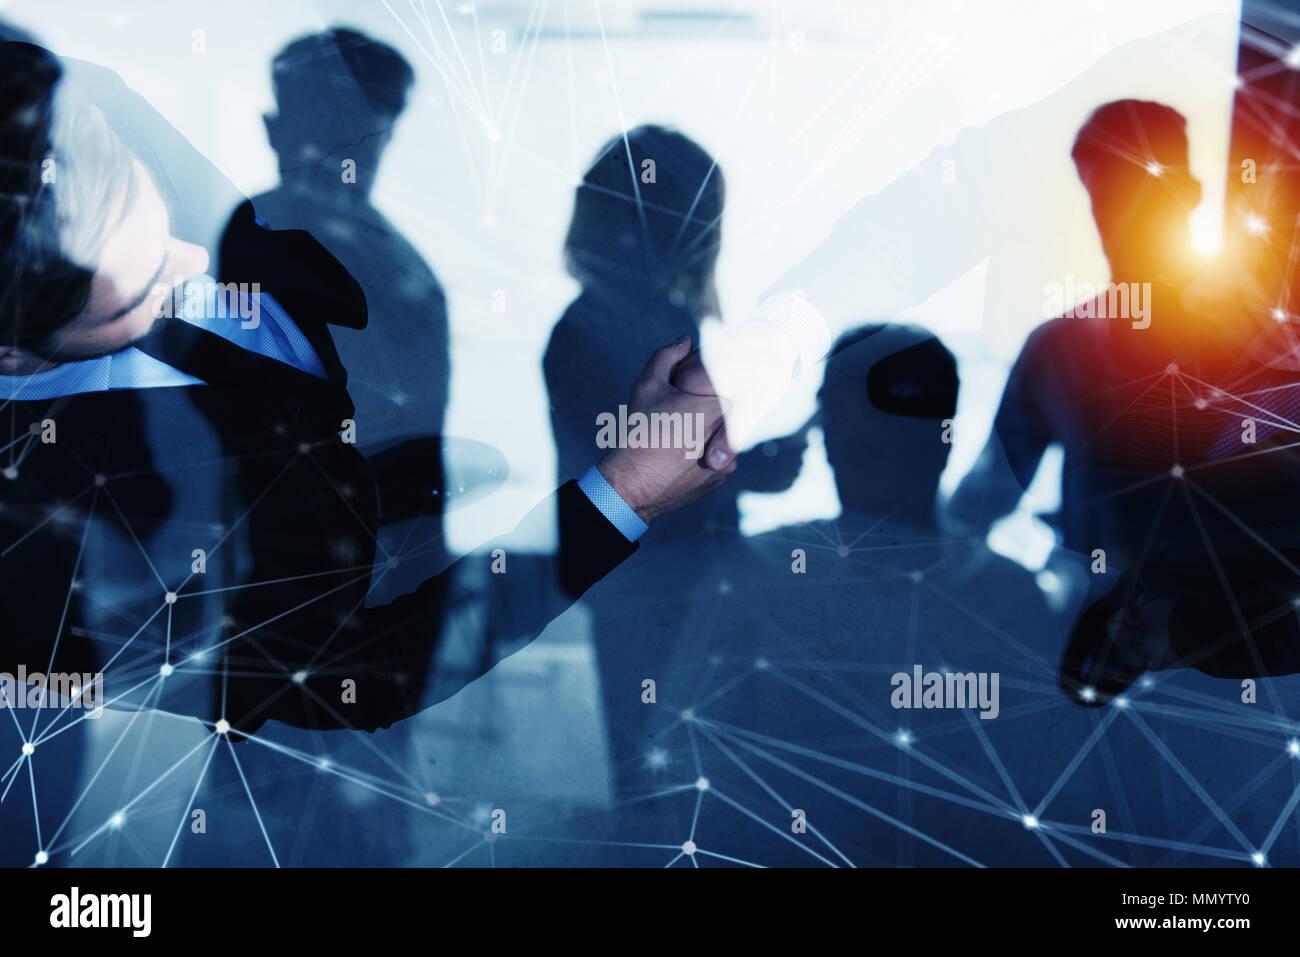 Handshaking persona de negocios en la oficina con efecto red. concepto de trabajo en equipo y colaboración con doble exposición. Imagen De Stock